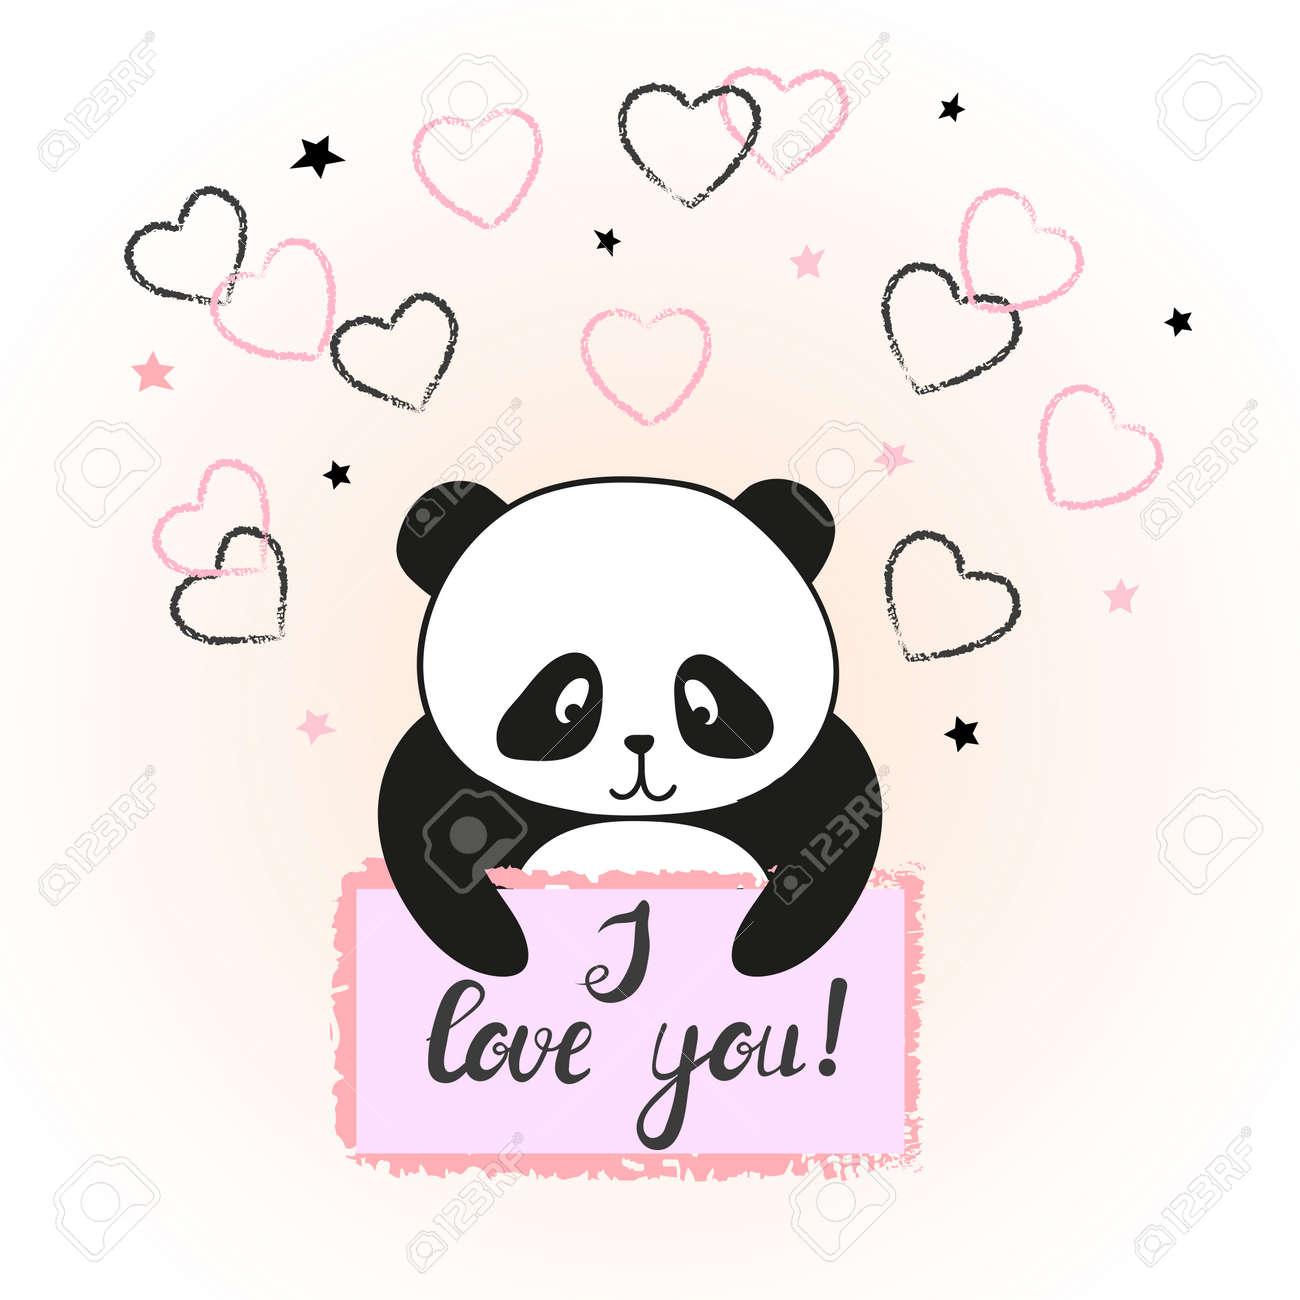 かわいい漫画パンダ恋のベクトル イラストバレンタイン カードの